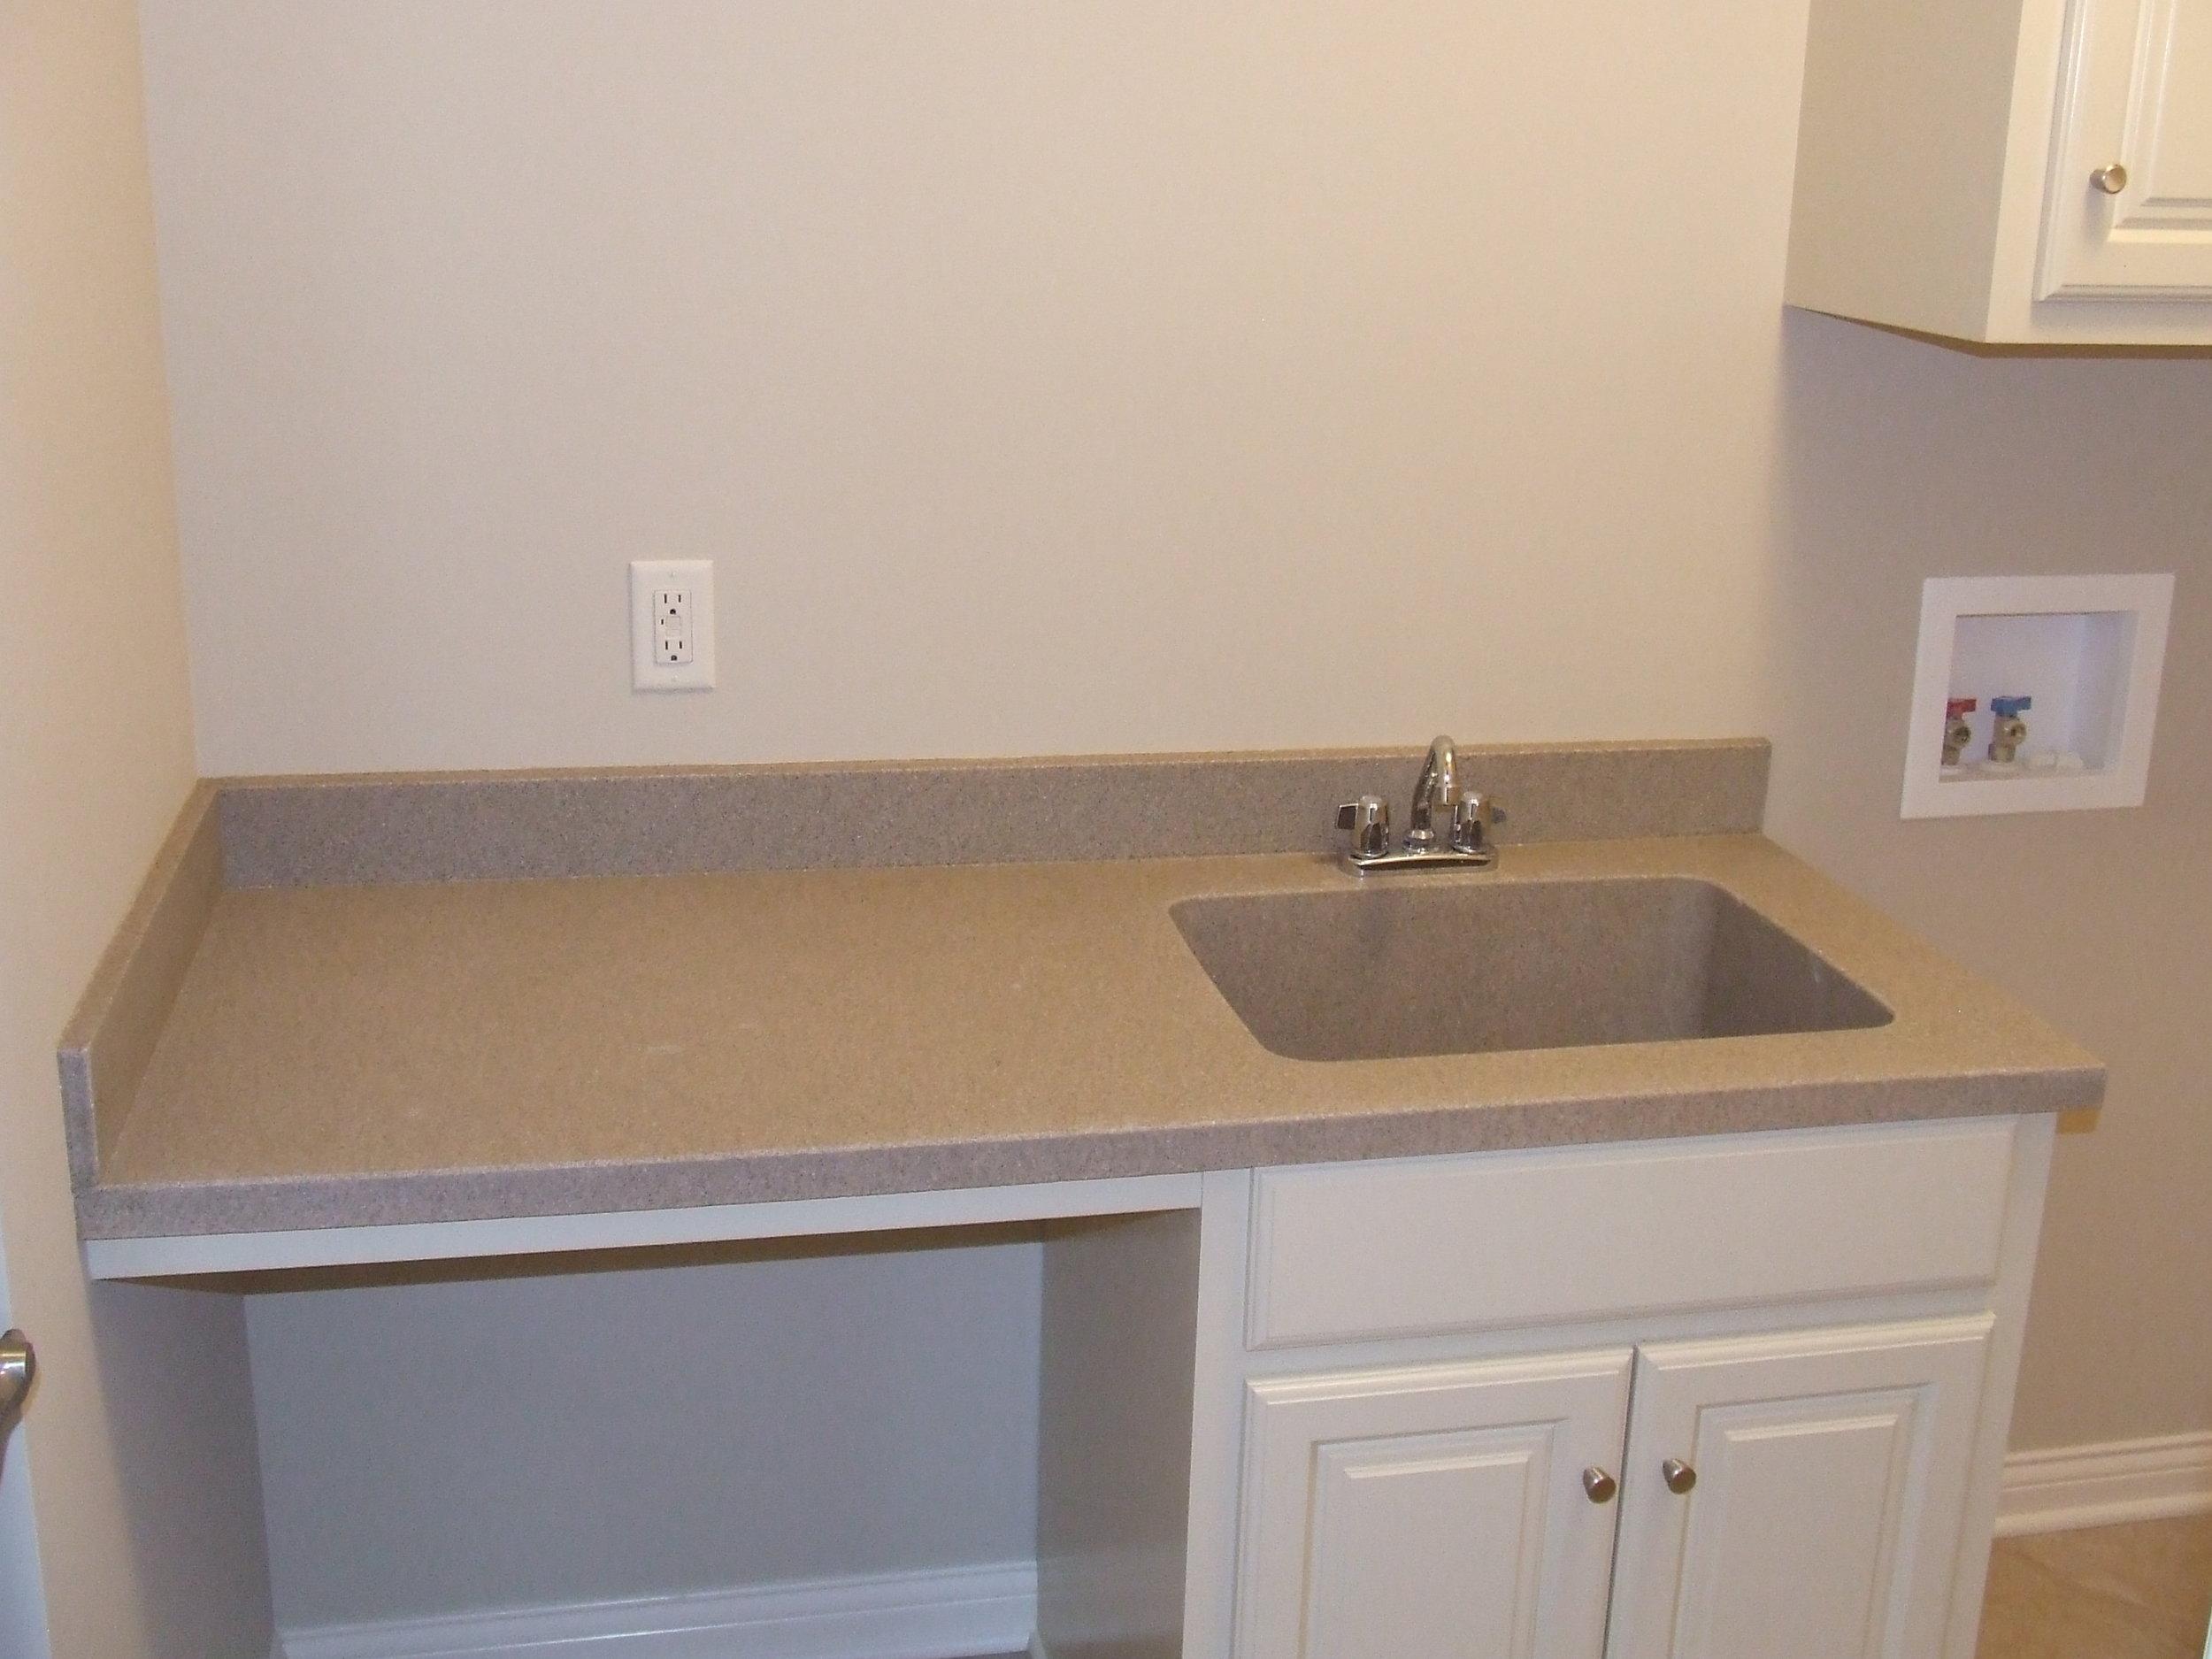 laundry-tub-2008-residential-laundry-tub-countertop.jpg